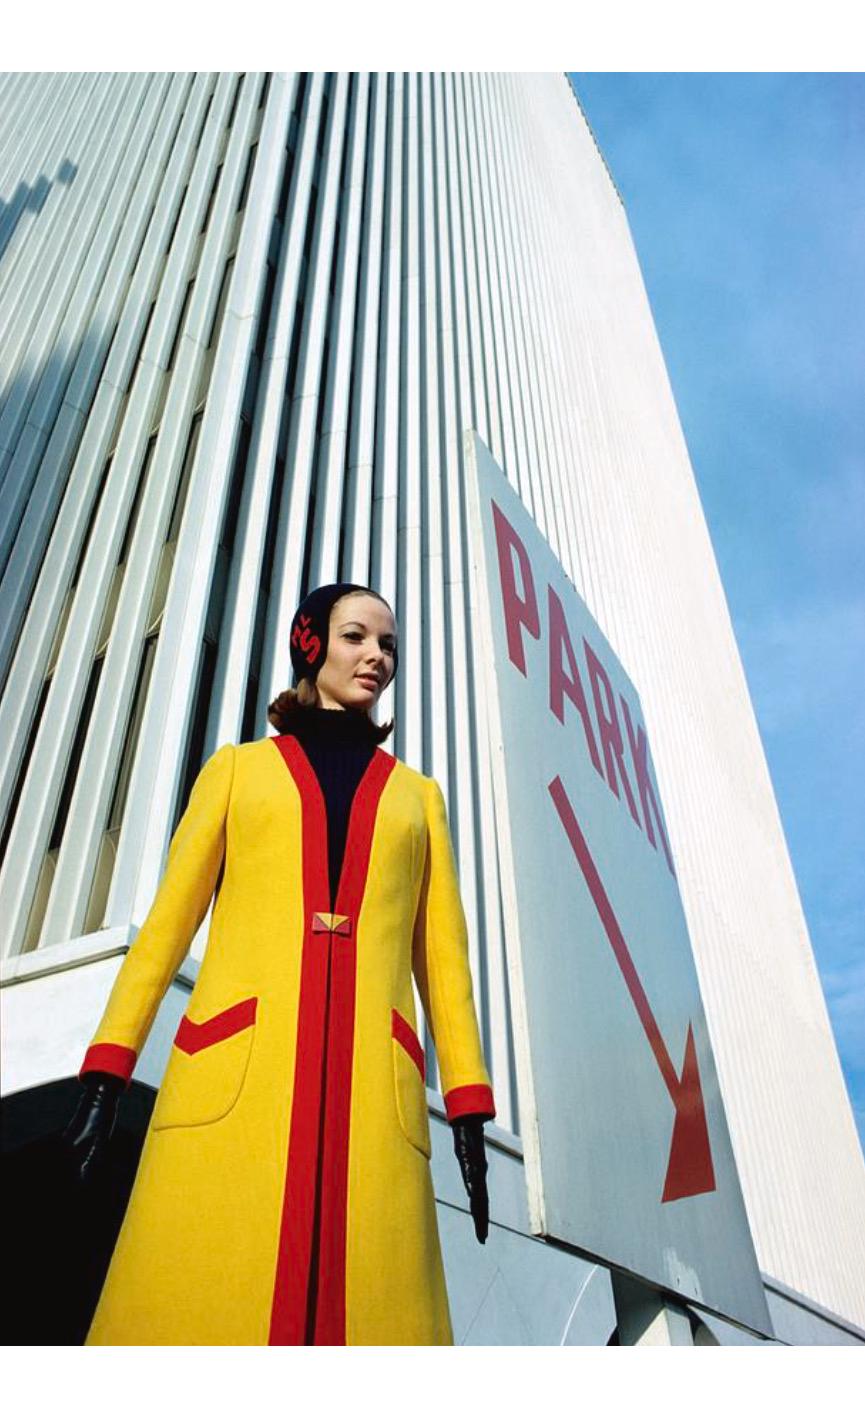 グラマー 1966年2月 : ボーイング社の従業員メリー・ルイーズがシアトル・ワールド・フェア(シアトル万国博覧会)会場で黄色と赤色のコート着用。